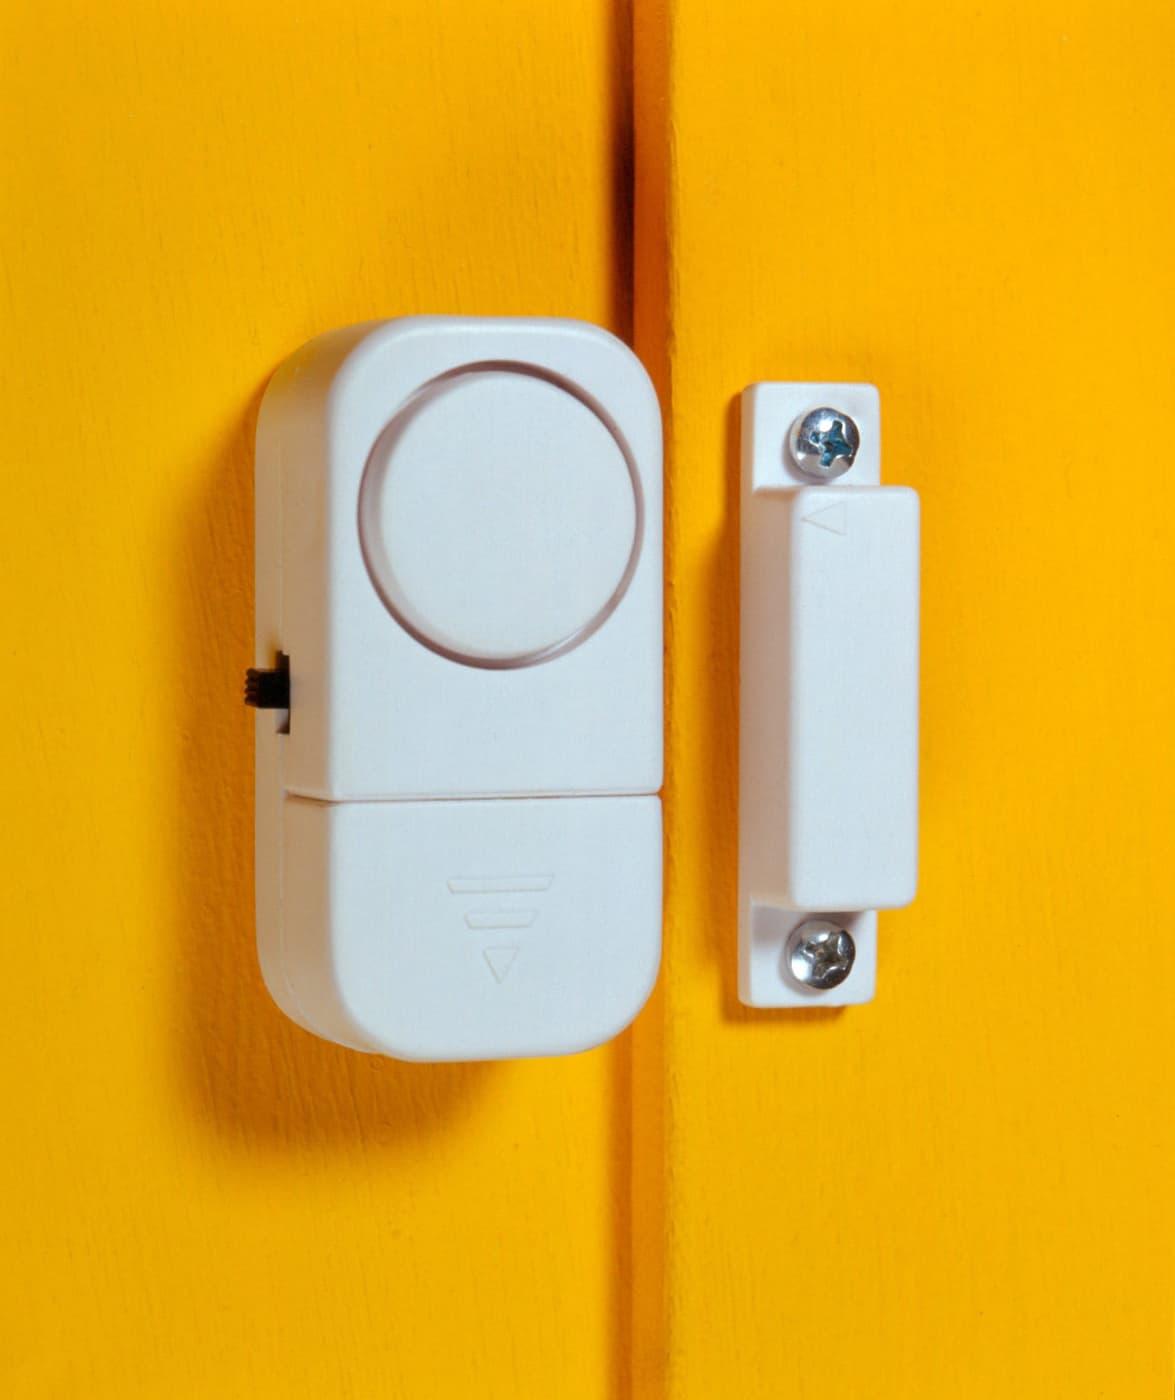 pentatech alarme pour fen tre dg 1 migros. Black Bedroom Furniture Sets. Home Design Ideas